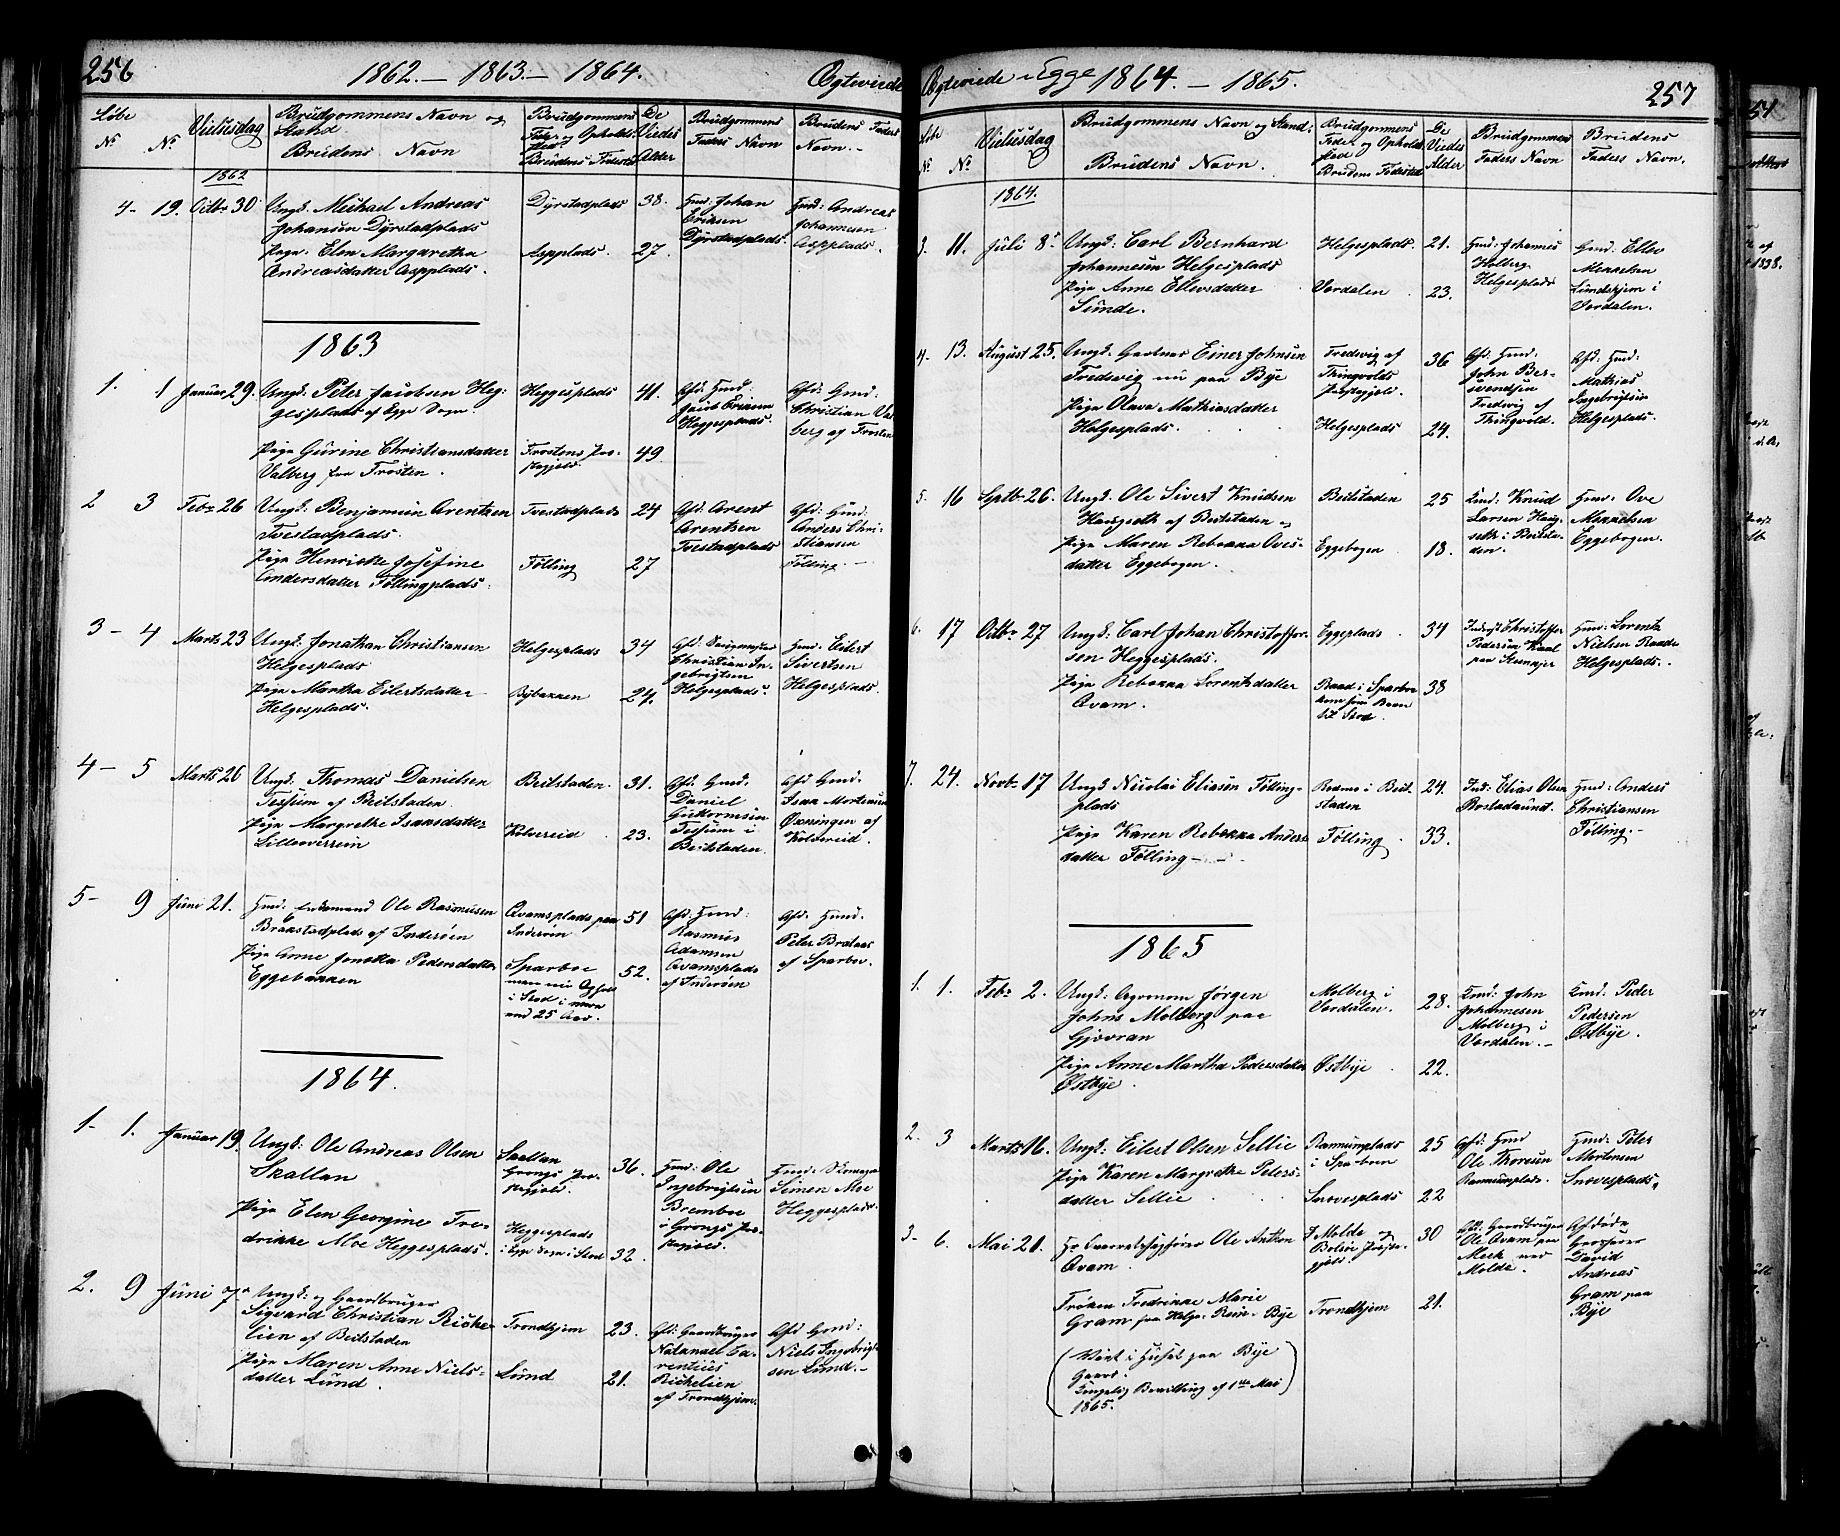 SAT, Ministerialprotokoller, klokkerbøker og fødselsregistre - Nord-Trøndelag, 739/L0367: Ministerialbok nr. 739A01 /3, 1838-1868, s. 256-257